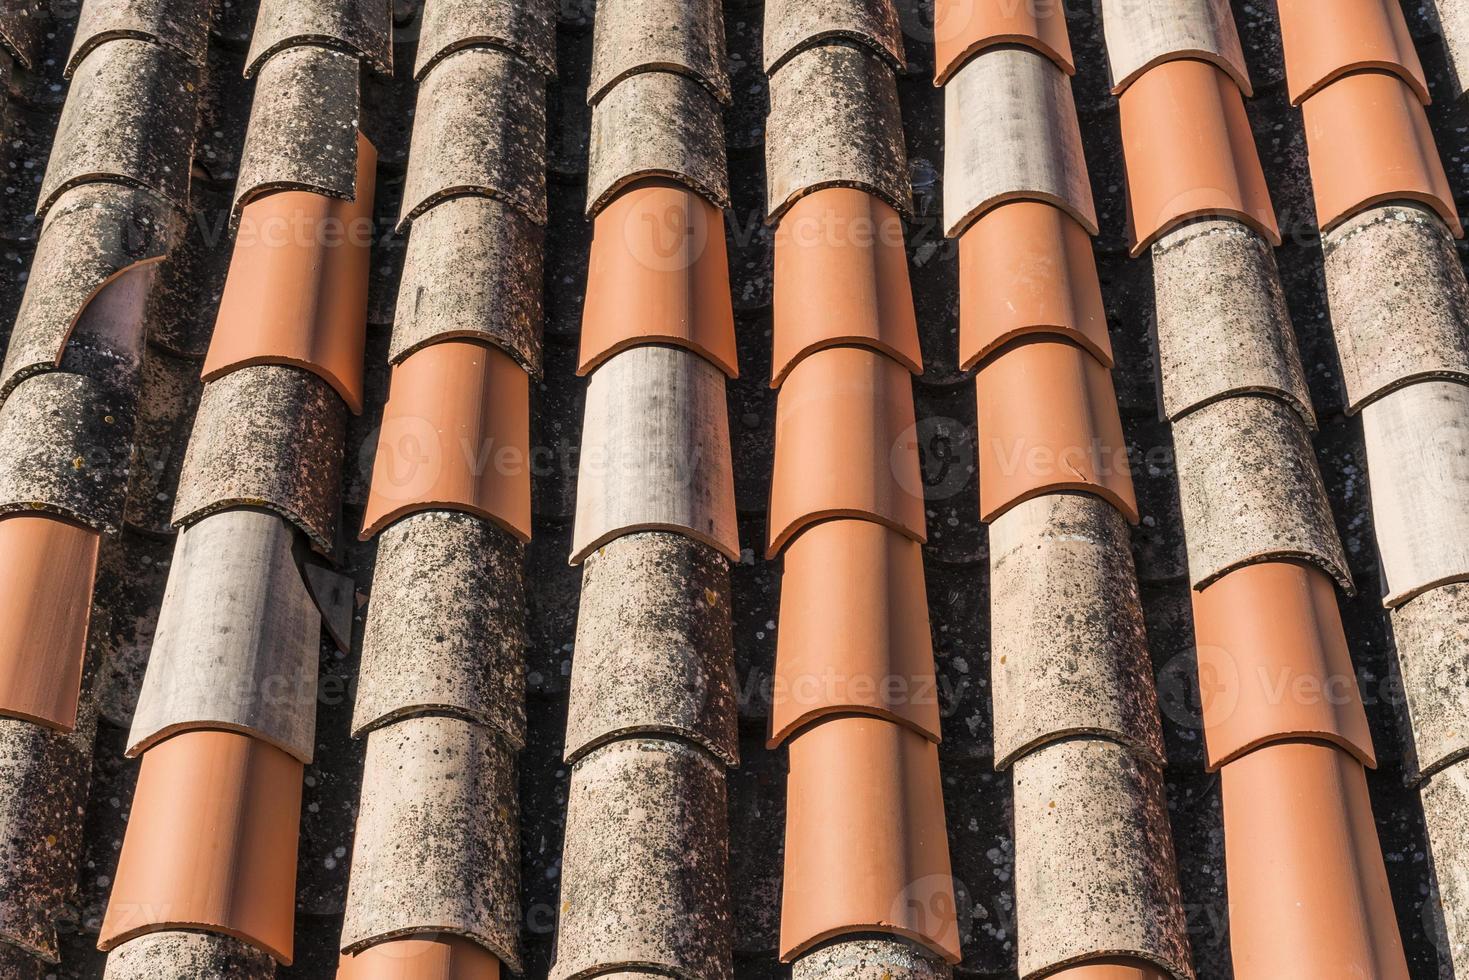 Neue Terrakottafliesen auf einem verwitterten Dach foto